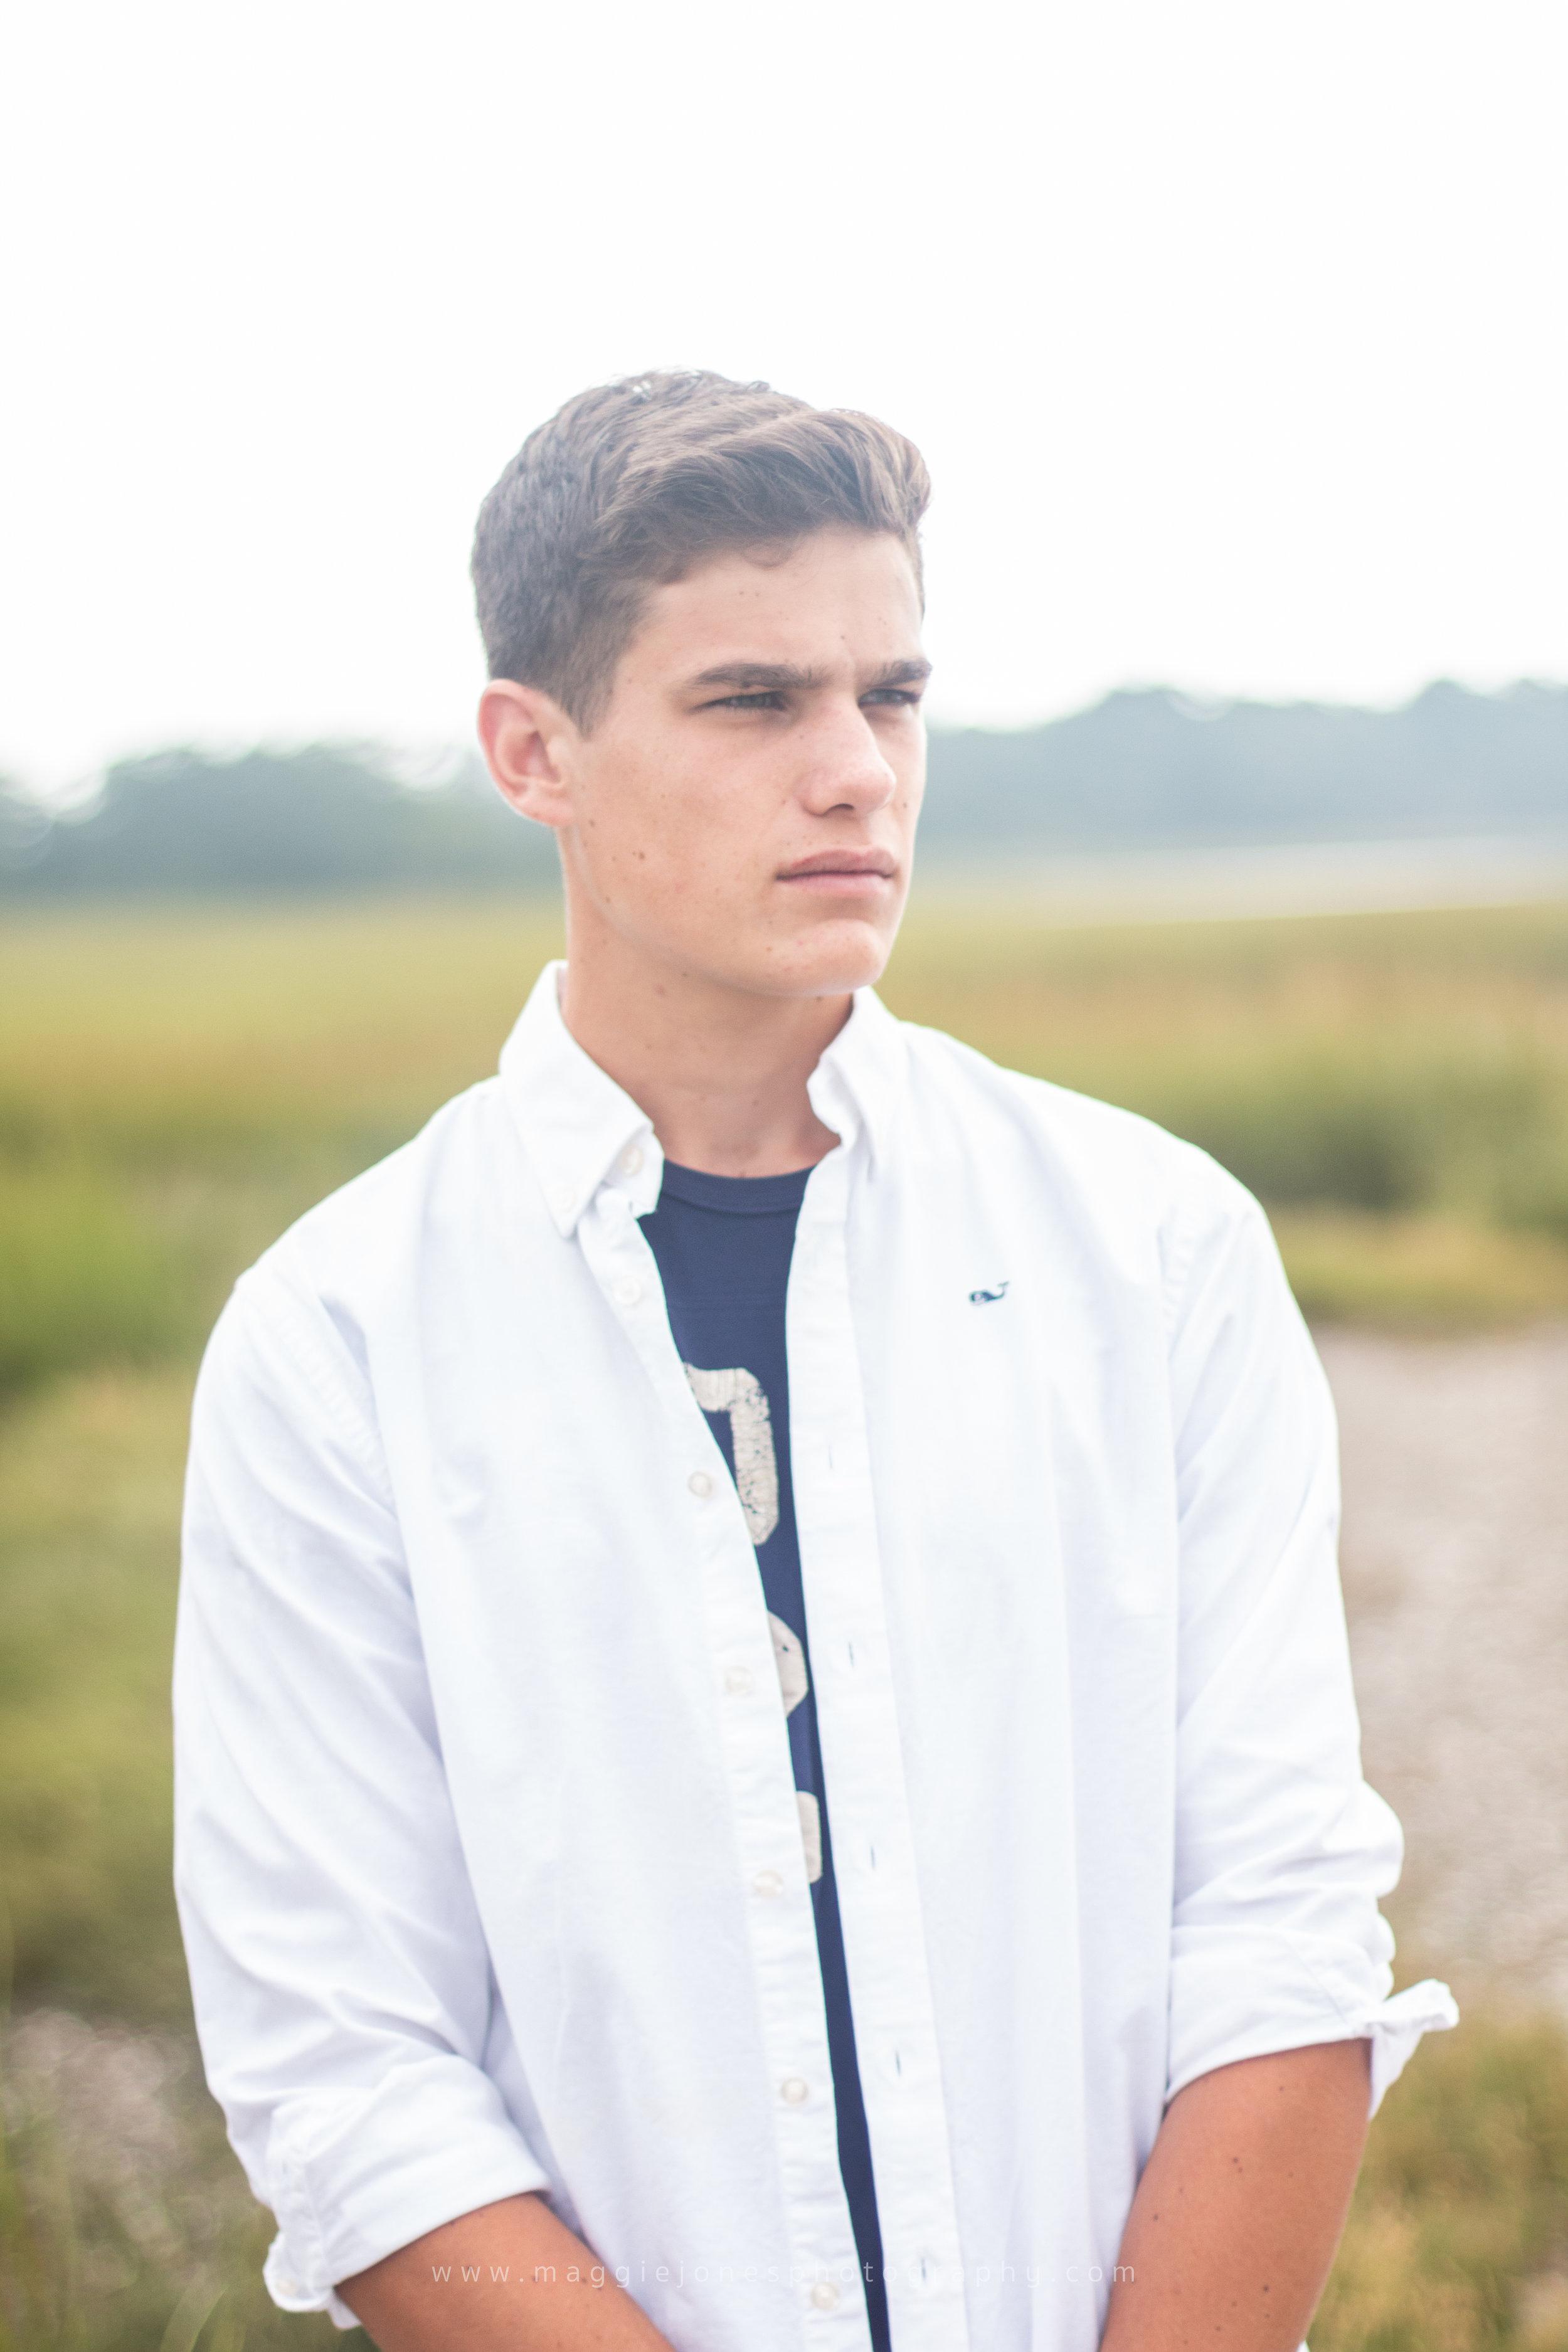 Liam_SeniorSession-1-11.jpg